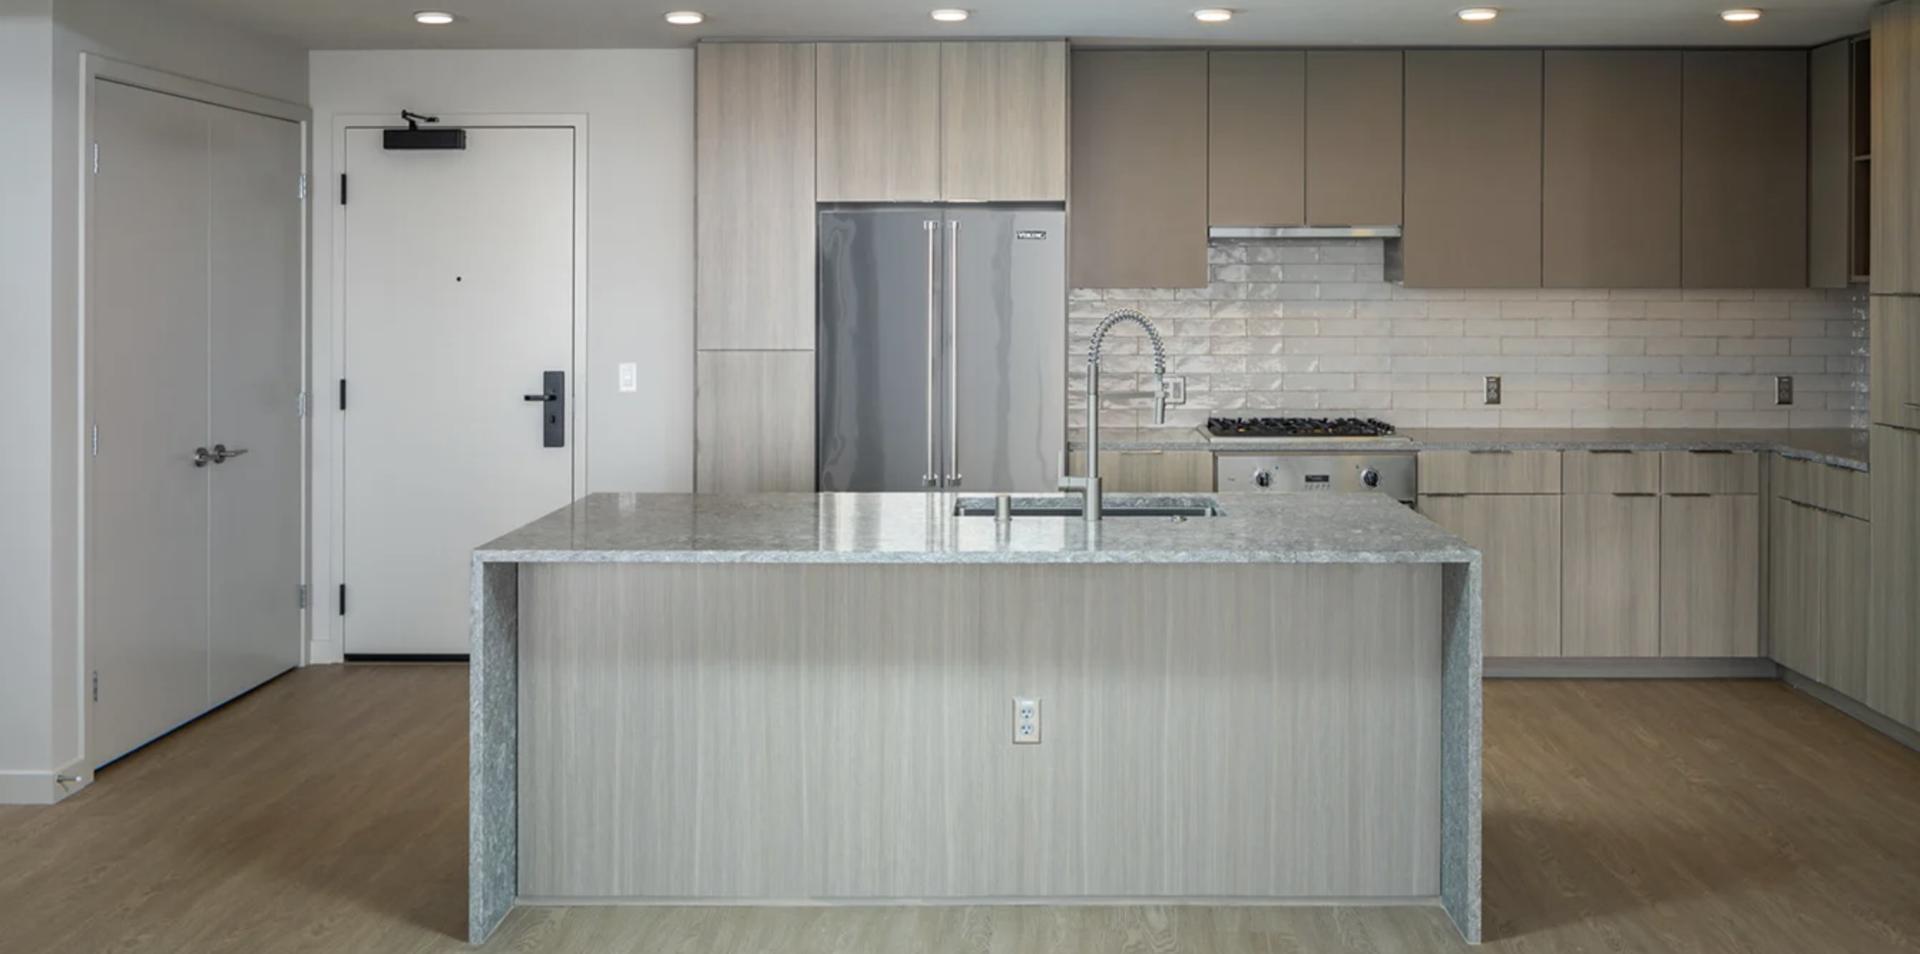 601 11th Avenue #1216, San Diego, CA - $5,210 USD/ month